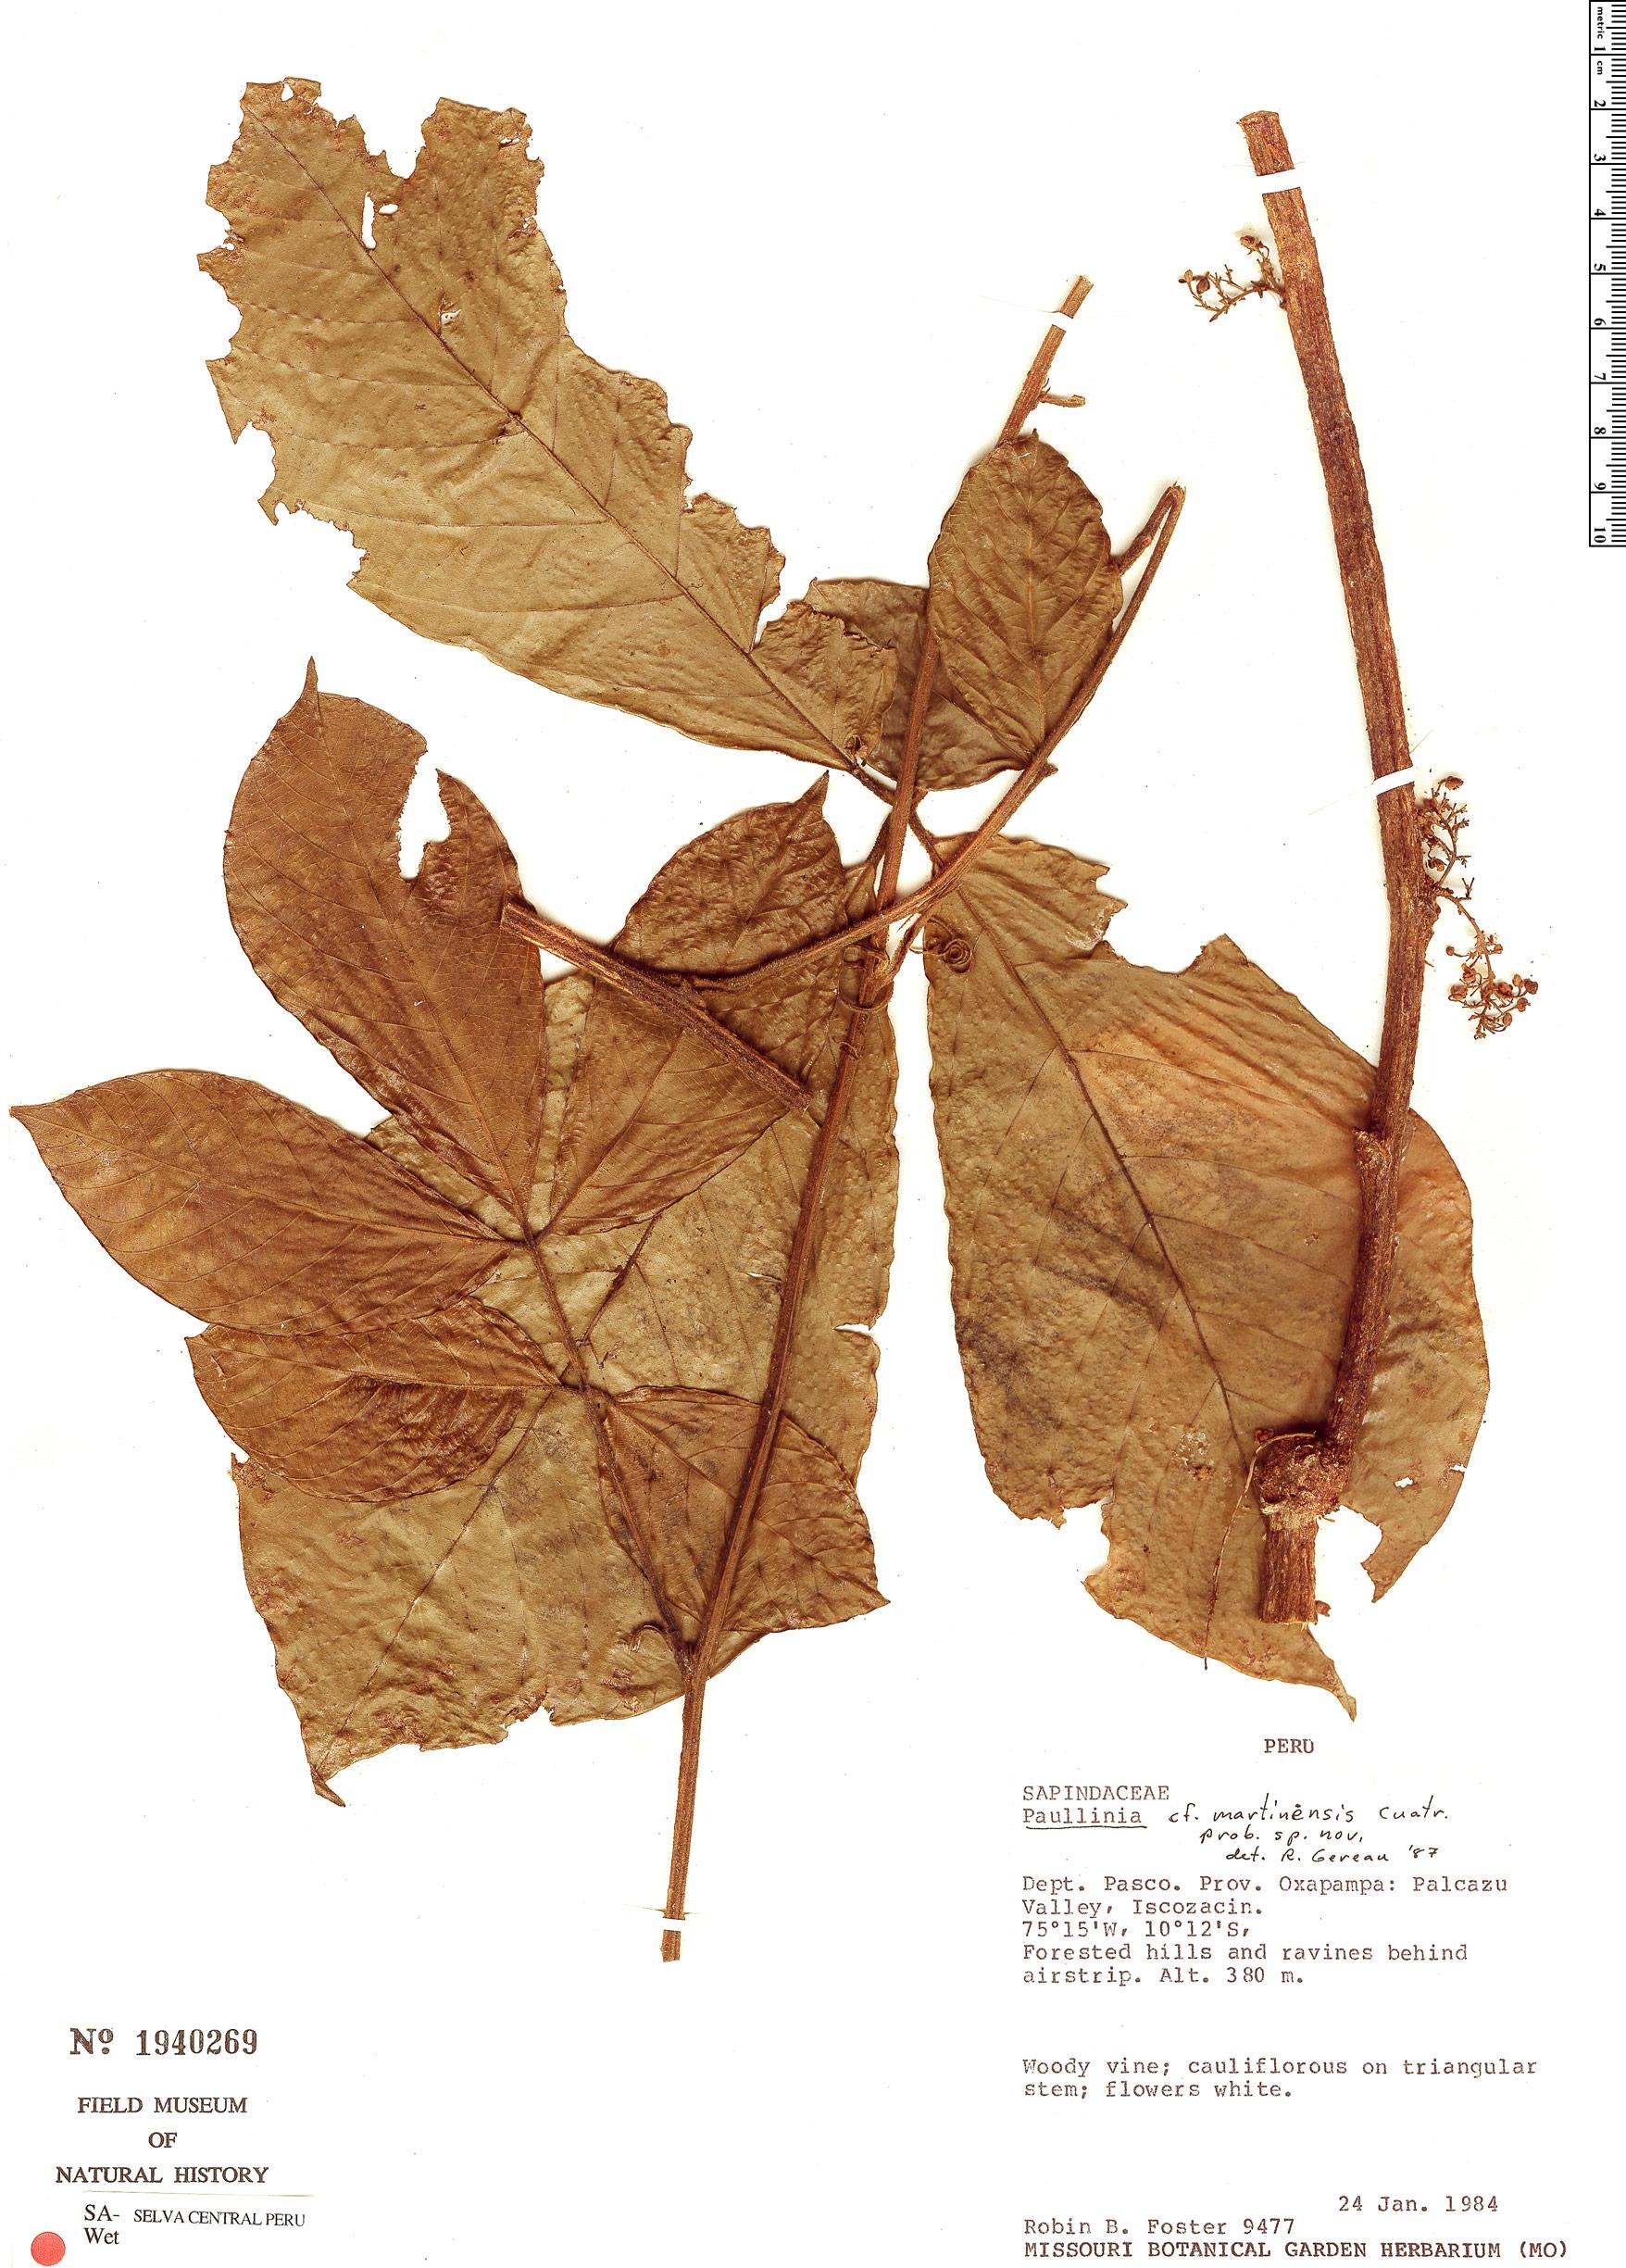 Specimen: Paullinia martinensis